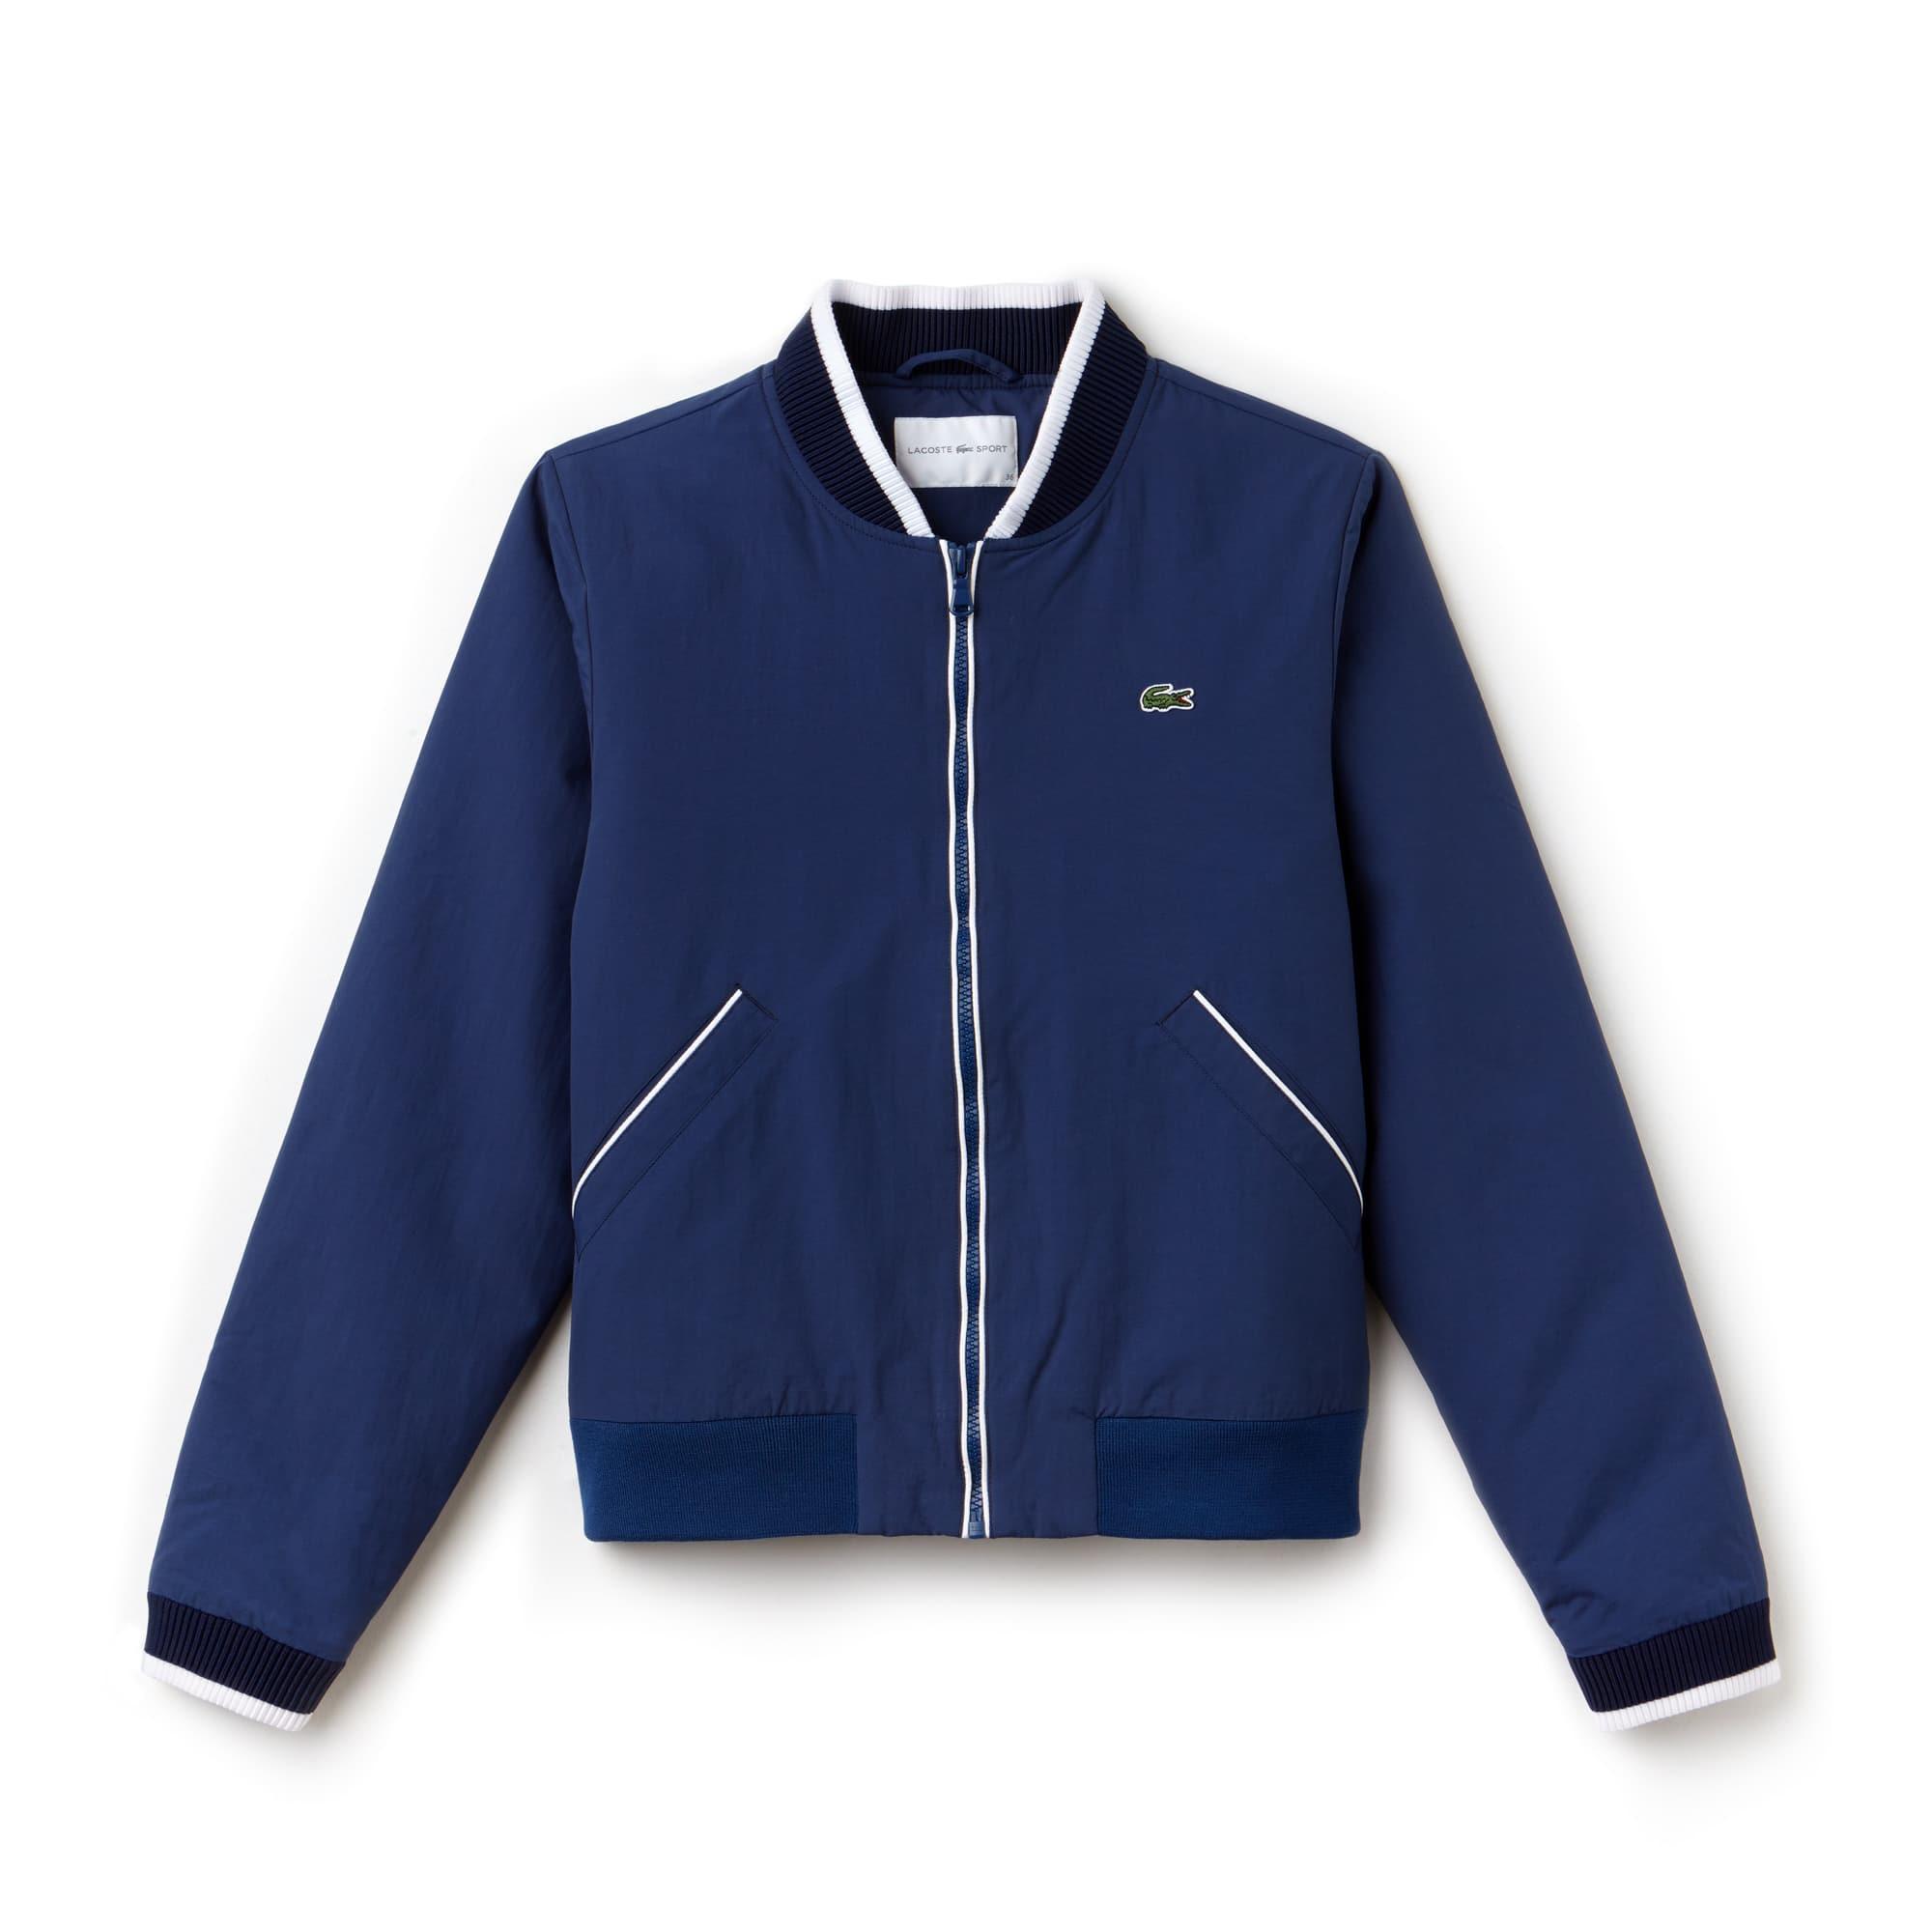 라코스테 스포츠 붐버 자켓 Lacoste Womens SPORT Water-Resistant Zip Tennis Bomber Jacket,INKWELL/WHITE-NAVY BLUE